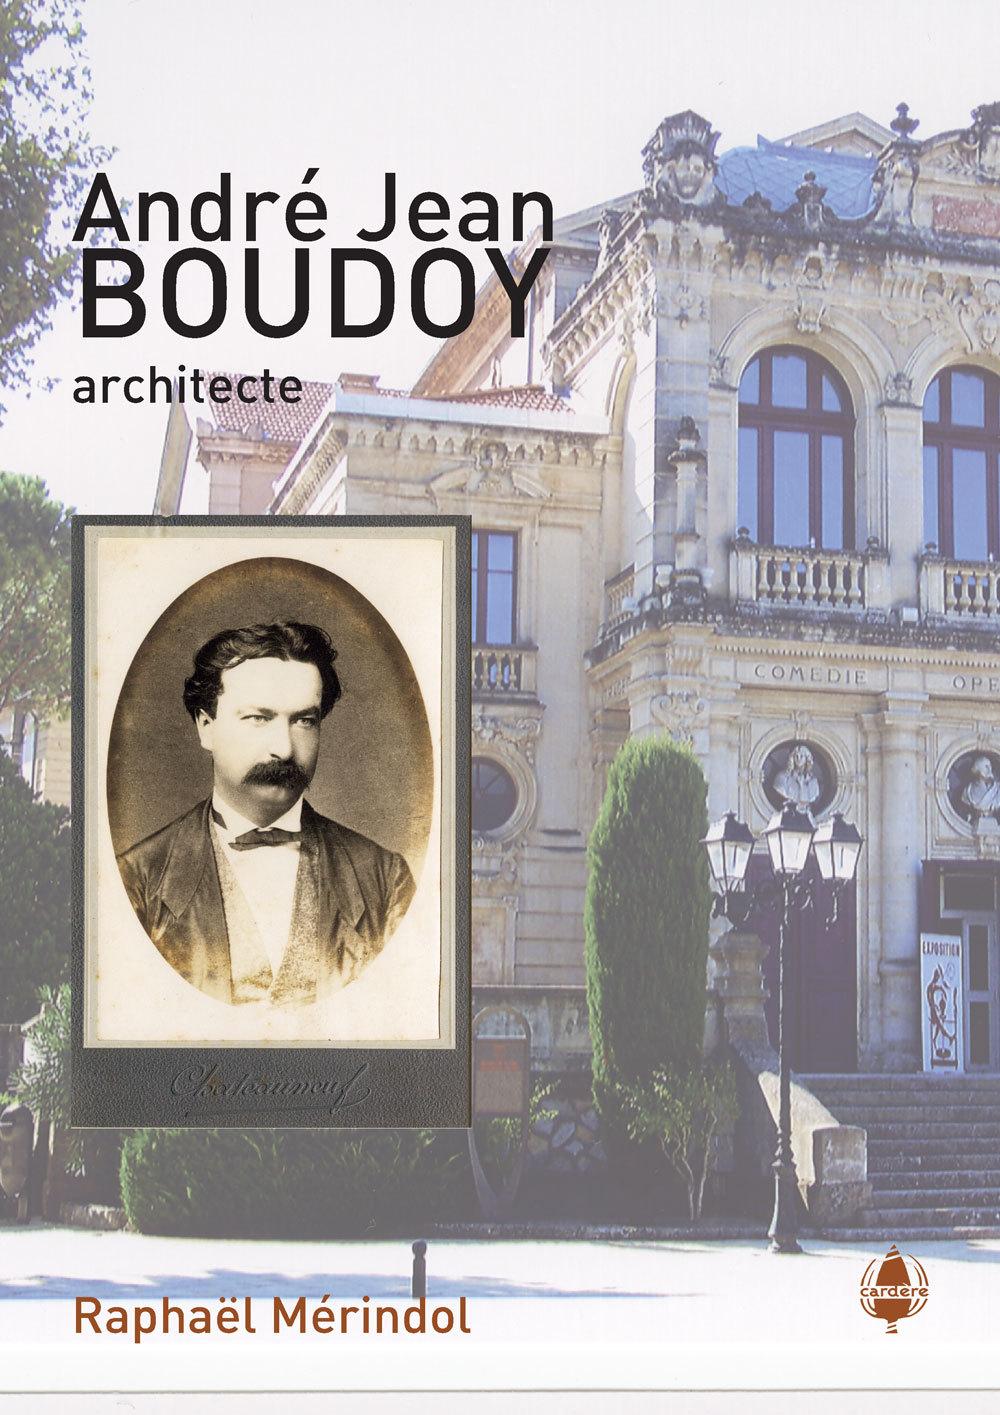 ANDRE JEAN BOUDOY, ARCHITECTE